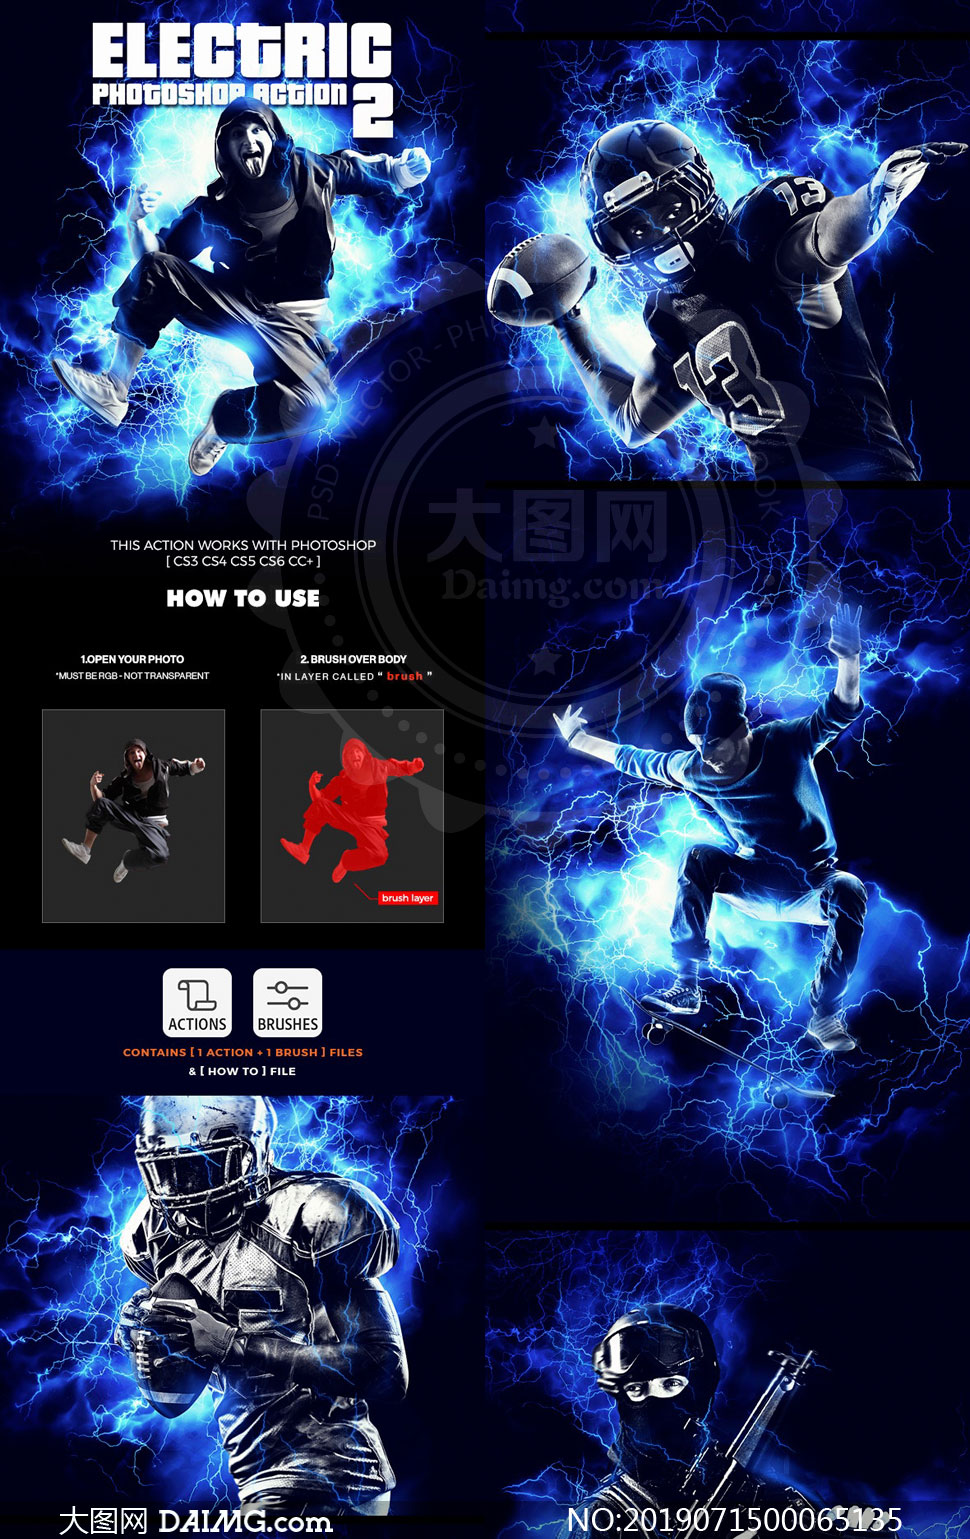 中文版蓝色闪电光线装饰背景PS动作